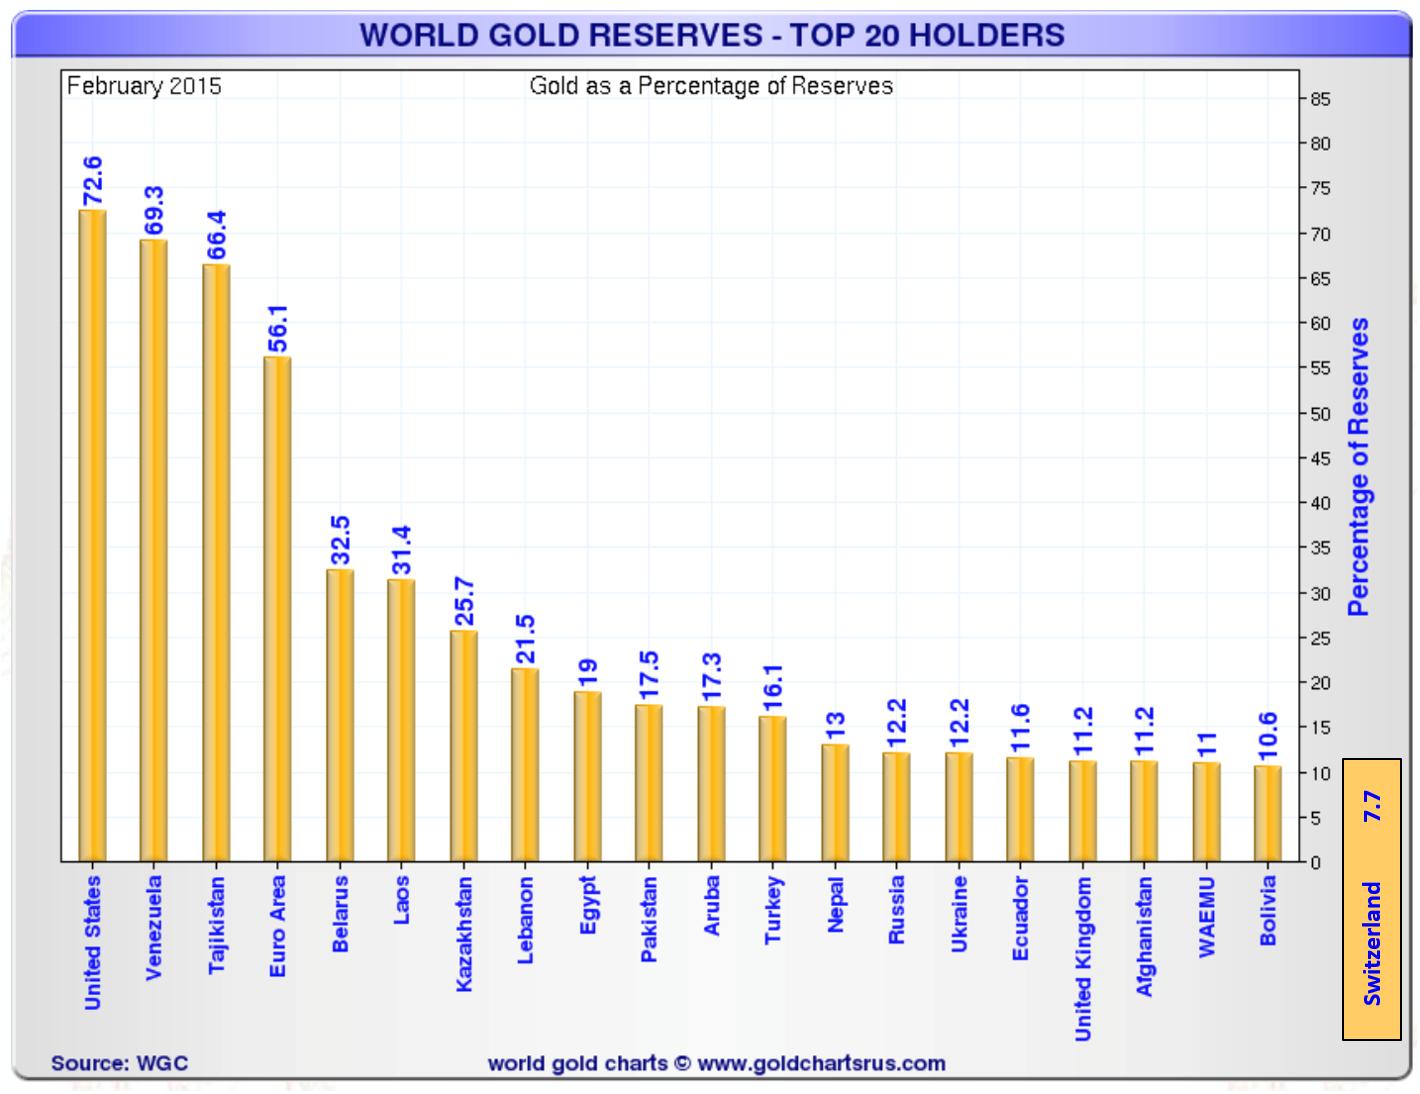 Réserves mondiales d'or – les 20 plus grands détenteurs (en pourcentage)